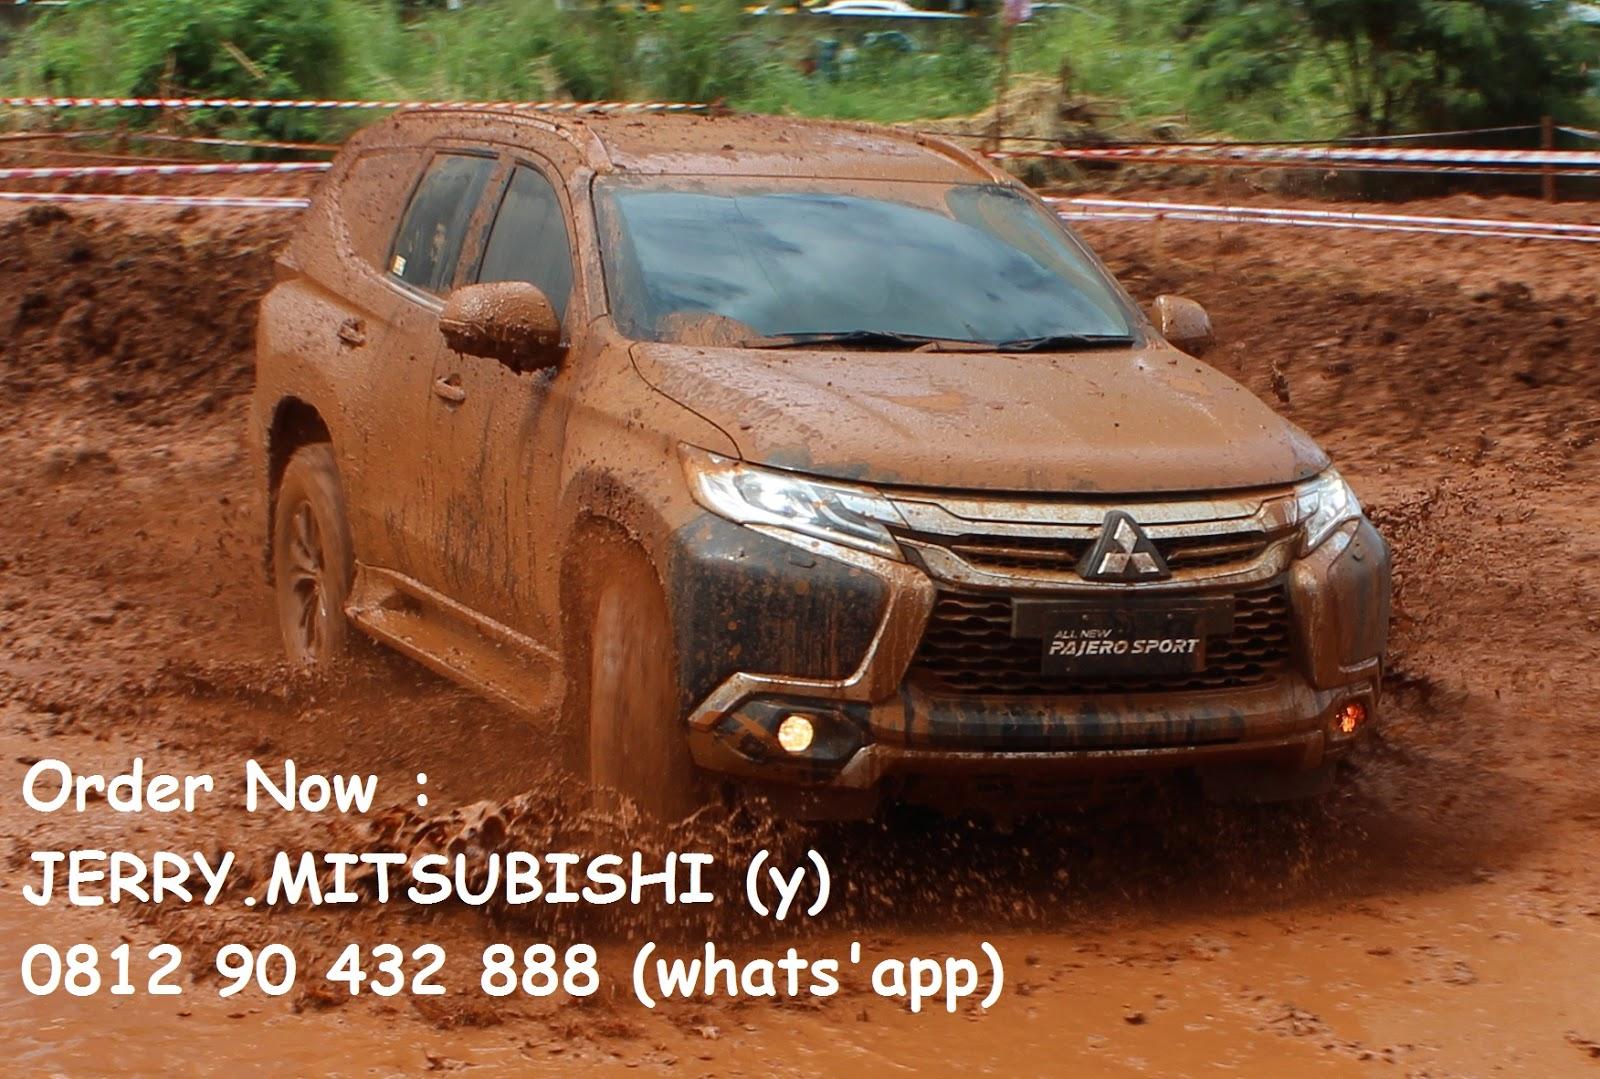 66 Gambar Mobil Mitsubishi Pajero Sport Exceed Gratis